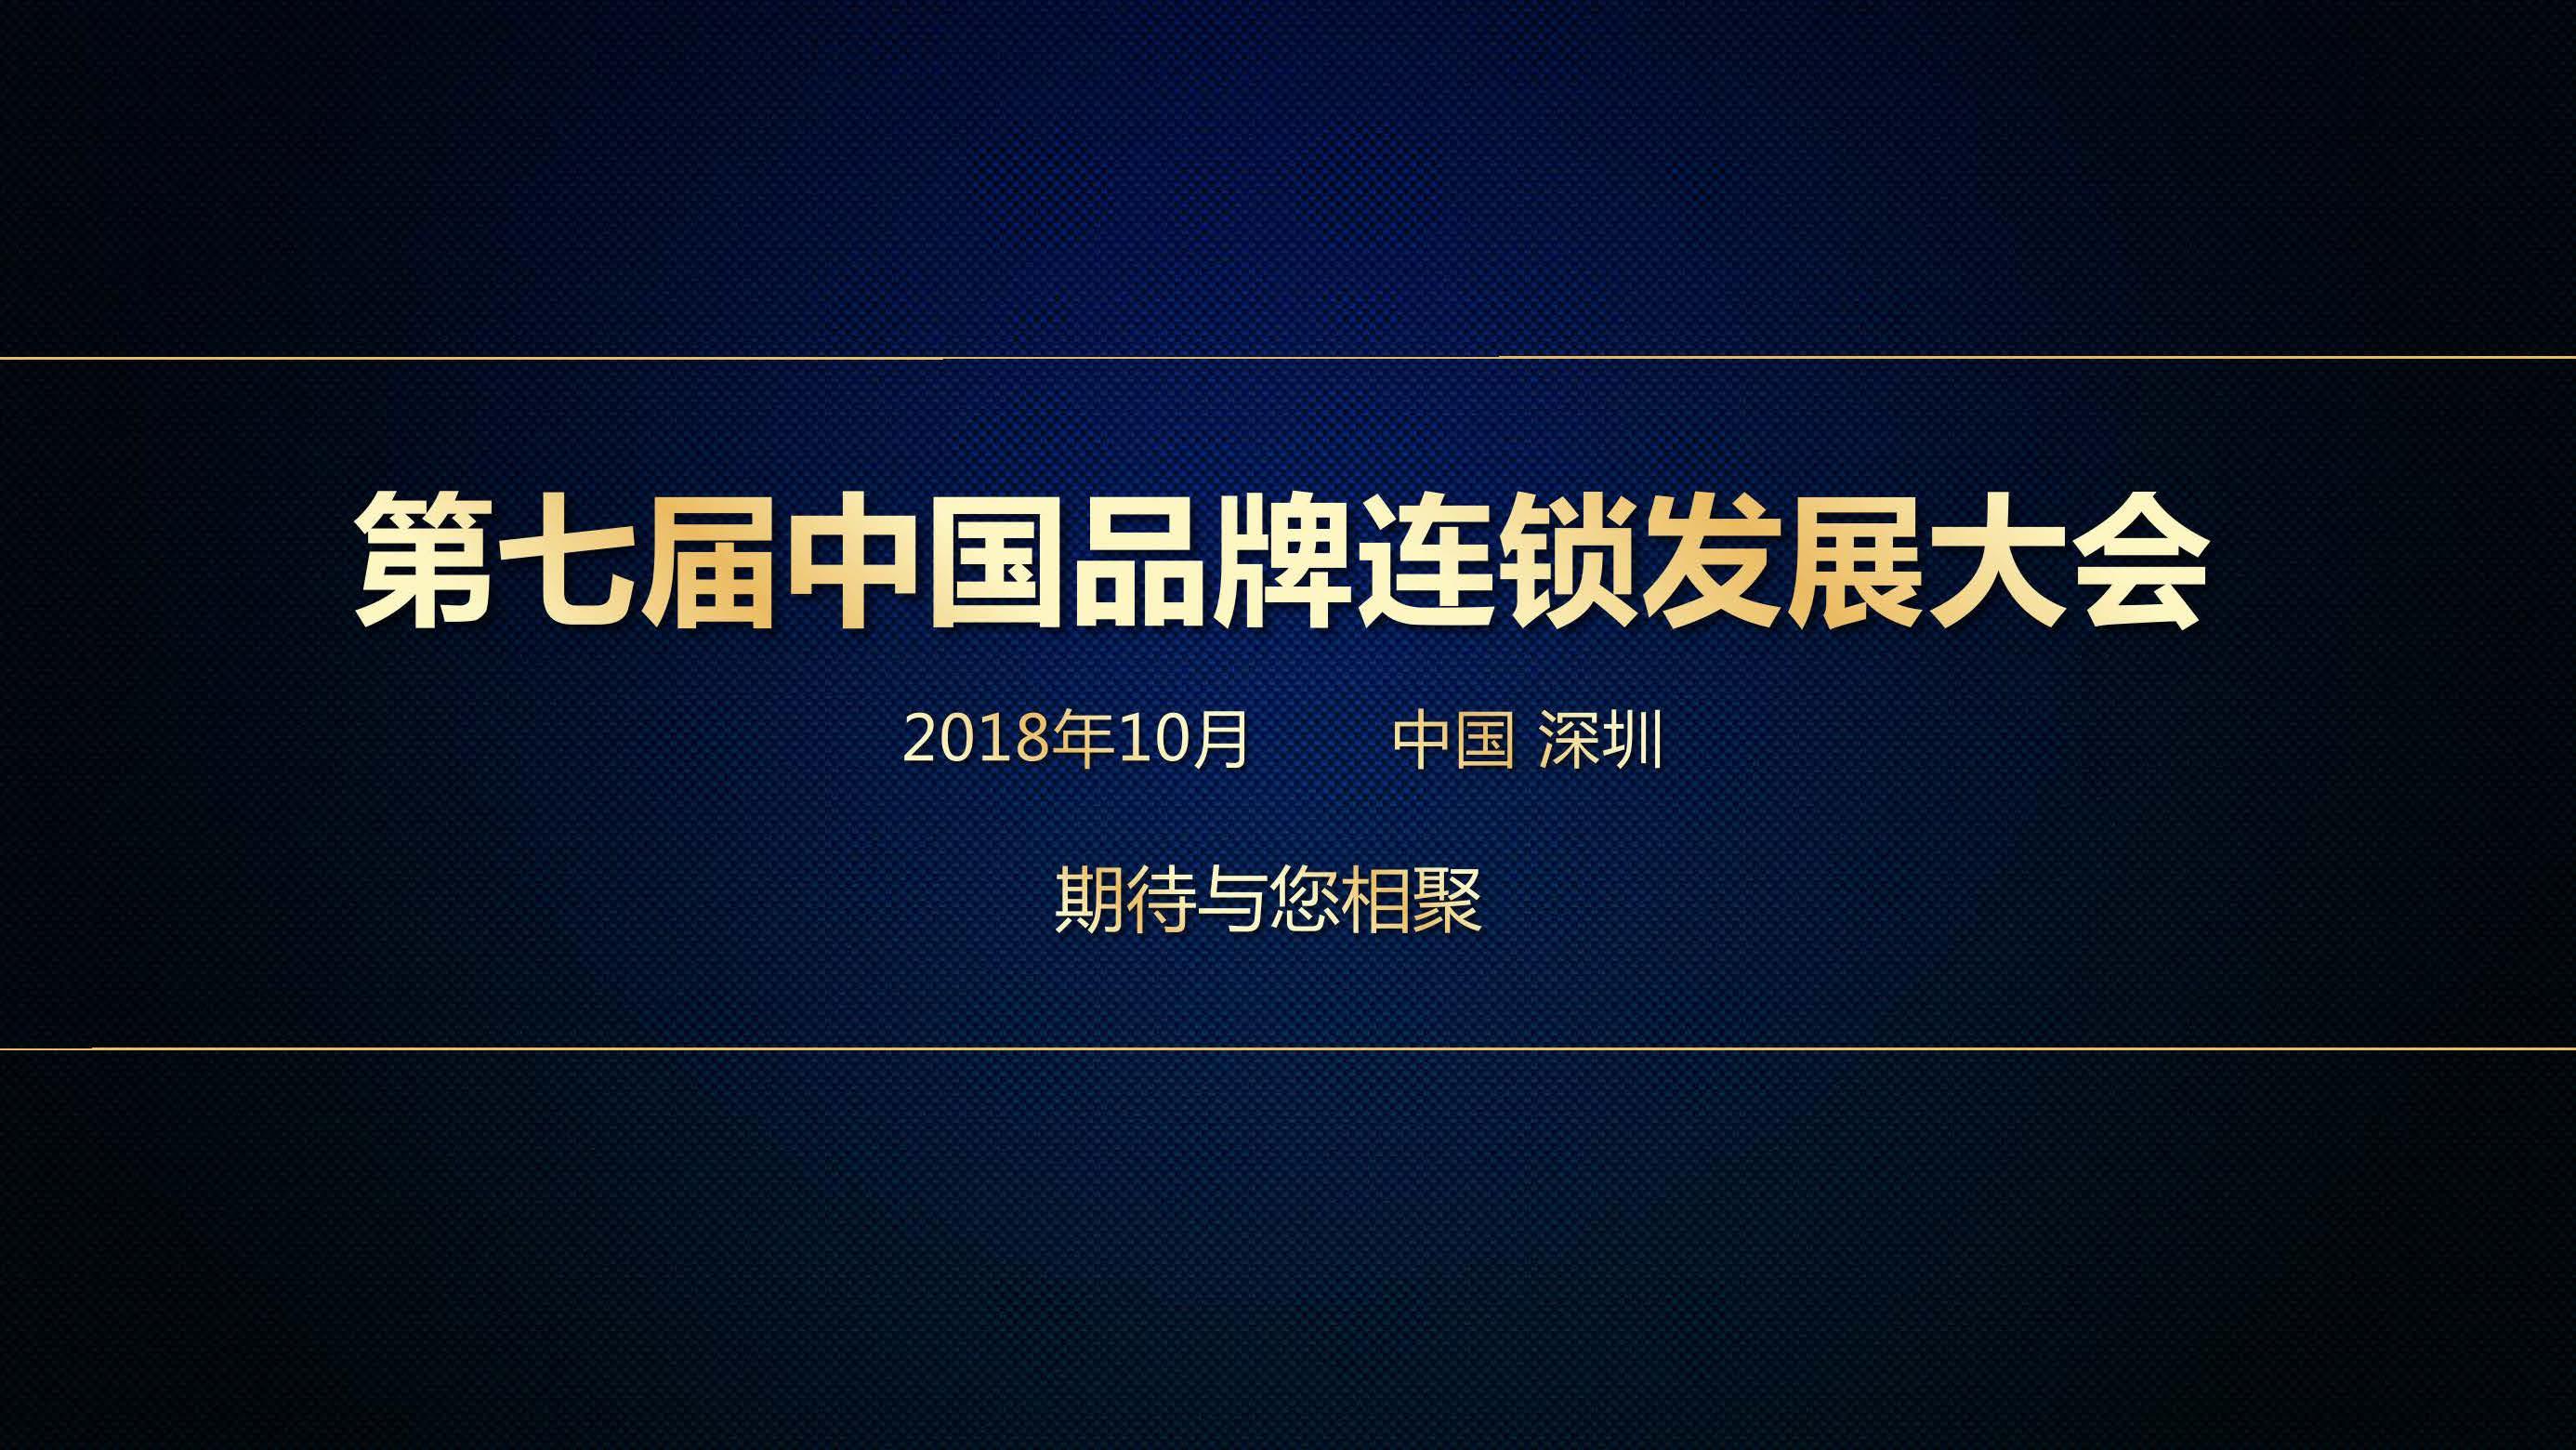 虚位以待!第七届中国品牌连锁发展大